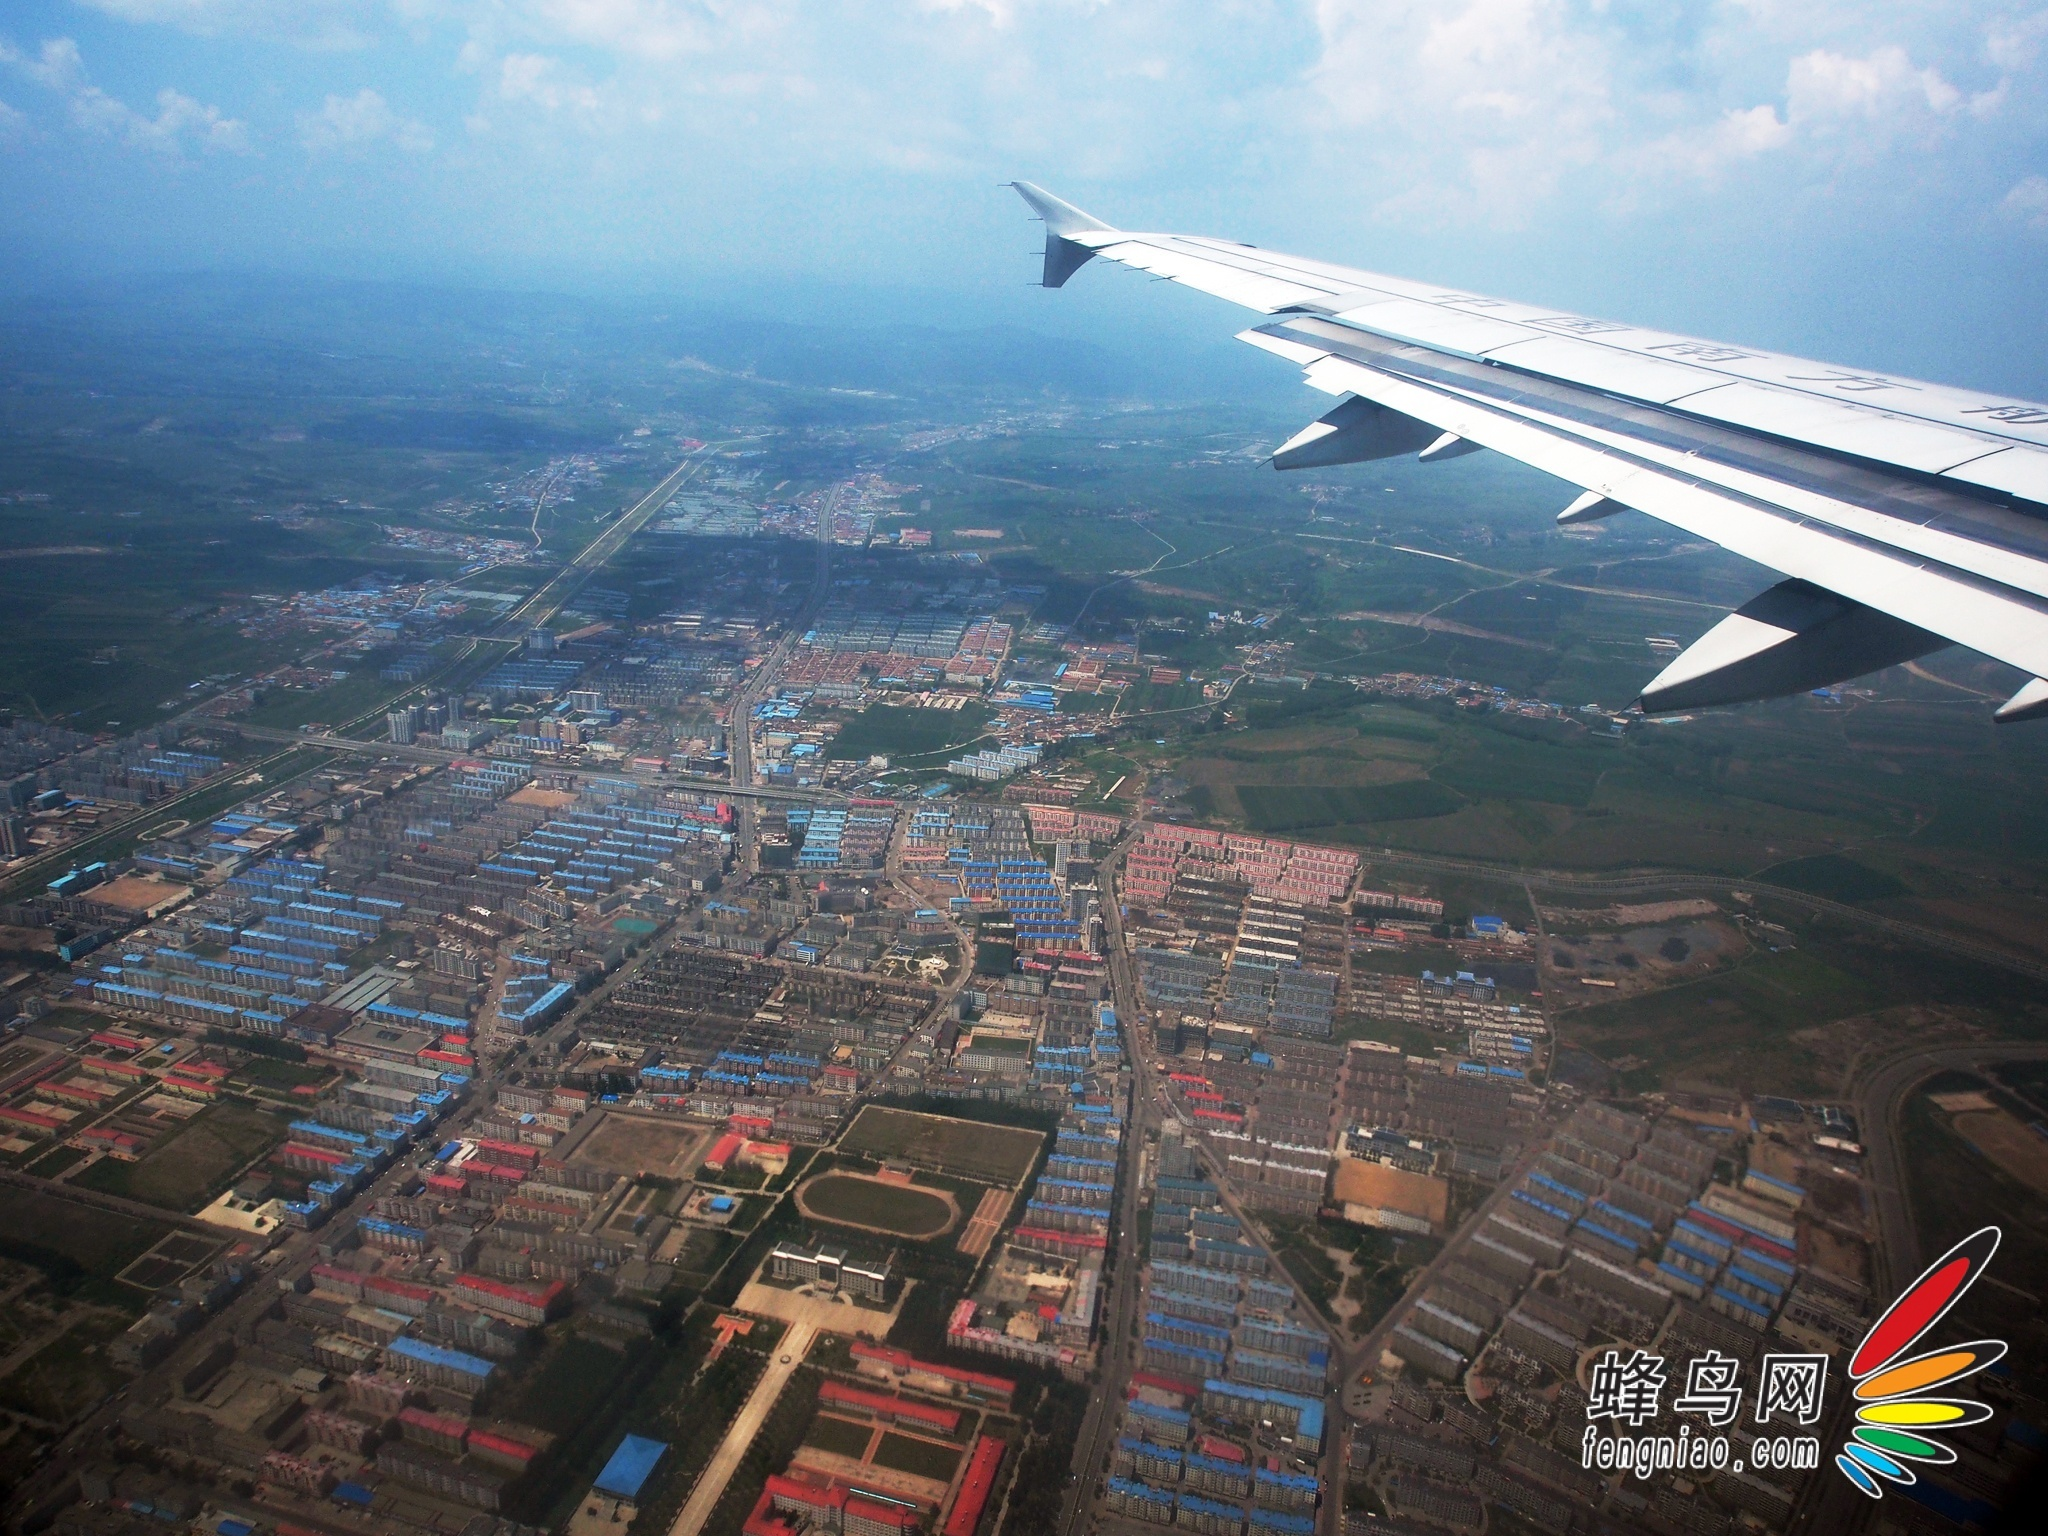 从北京到延吉   去长白山旅行,飞机是最方便快捷的方式。从北京到延吉每天10:30有一趟直飞航班,时长大约两小时。到达延吉机场后,行者还需要乘车4个多小时才能到达长白山景区。  起飞前准备好航拍用的E-M5及两支镜头12-50/F3.5-6.3与75-300/f4.8-6.7  飞机在北京上空   起飞前,北京天空一直阴沉沉的,其实不知道是雾、还是霾,反正空气非常的糟糕。飞机起飞后穿过云雾,顿时天空湛蓝了很多。当飞机飞行平稳后,用E-M5进行了航拍,还好,飞机窗户比较干净,拍摄的蓝天效果很